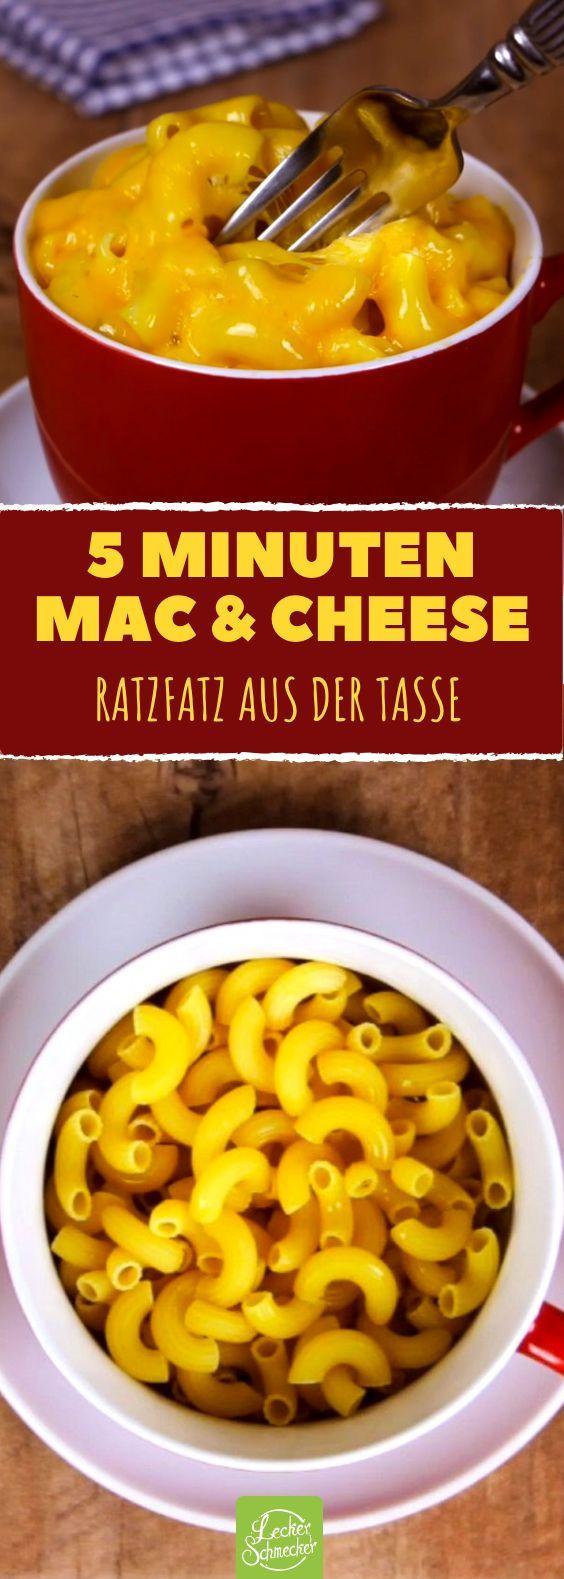 Mac and Cheese Pasta als super schnelles Tassen Rezept aus der Mikrowelle - Finomságok a konyhából -